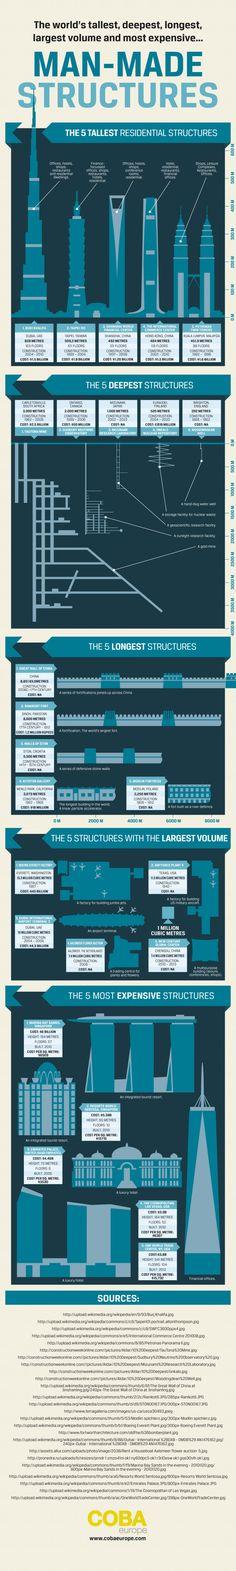 İnsan Yapımı Binalar ... En yüksek, en derin, en uzun, en büyük ve en pahalı yapılar...